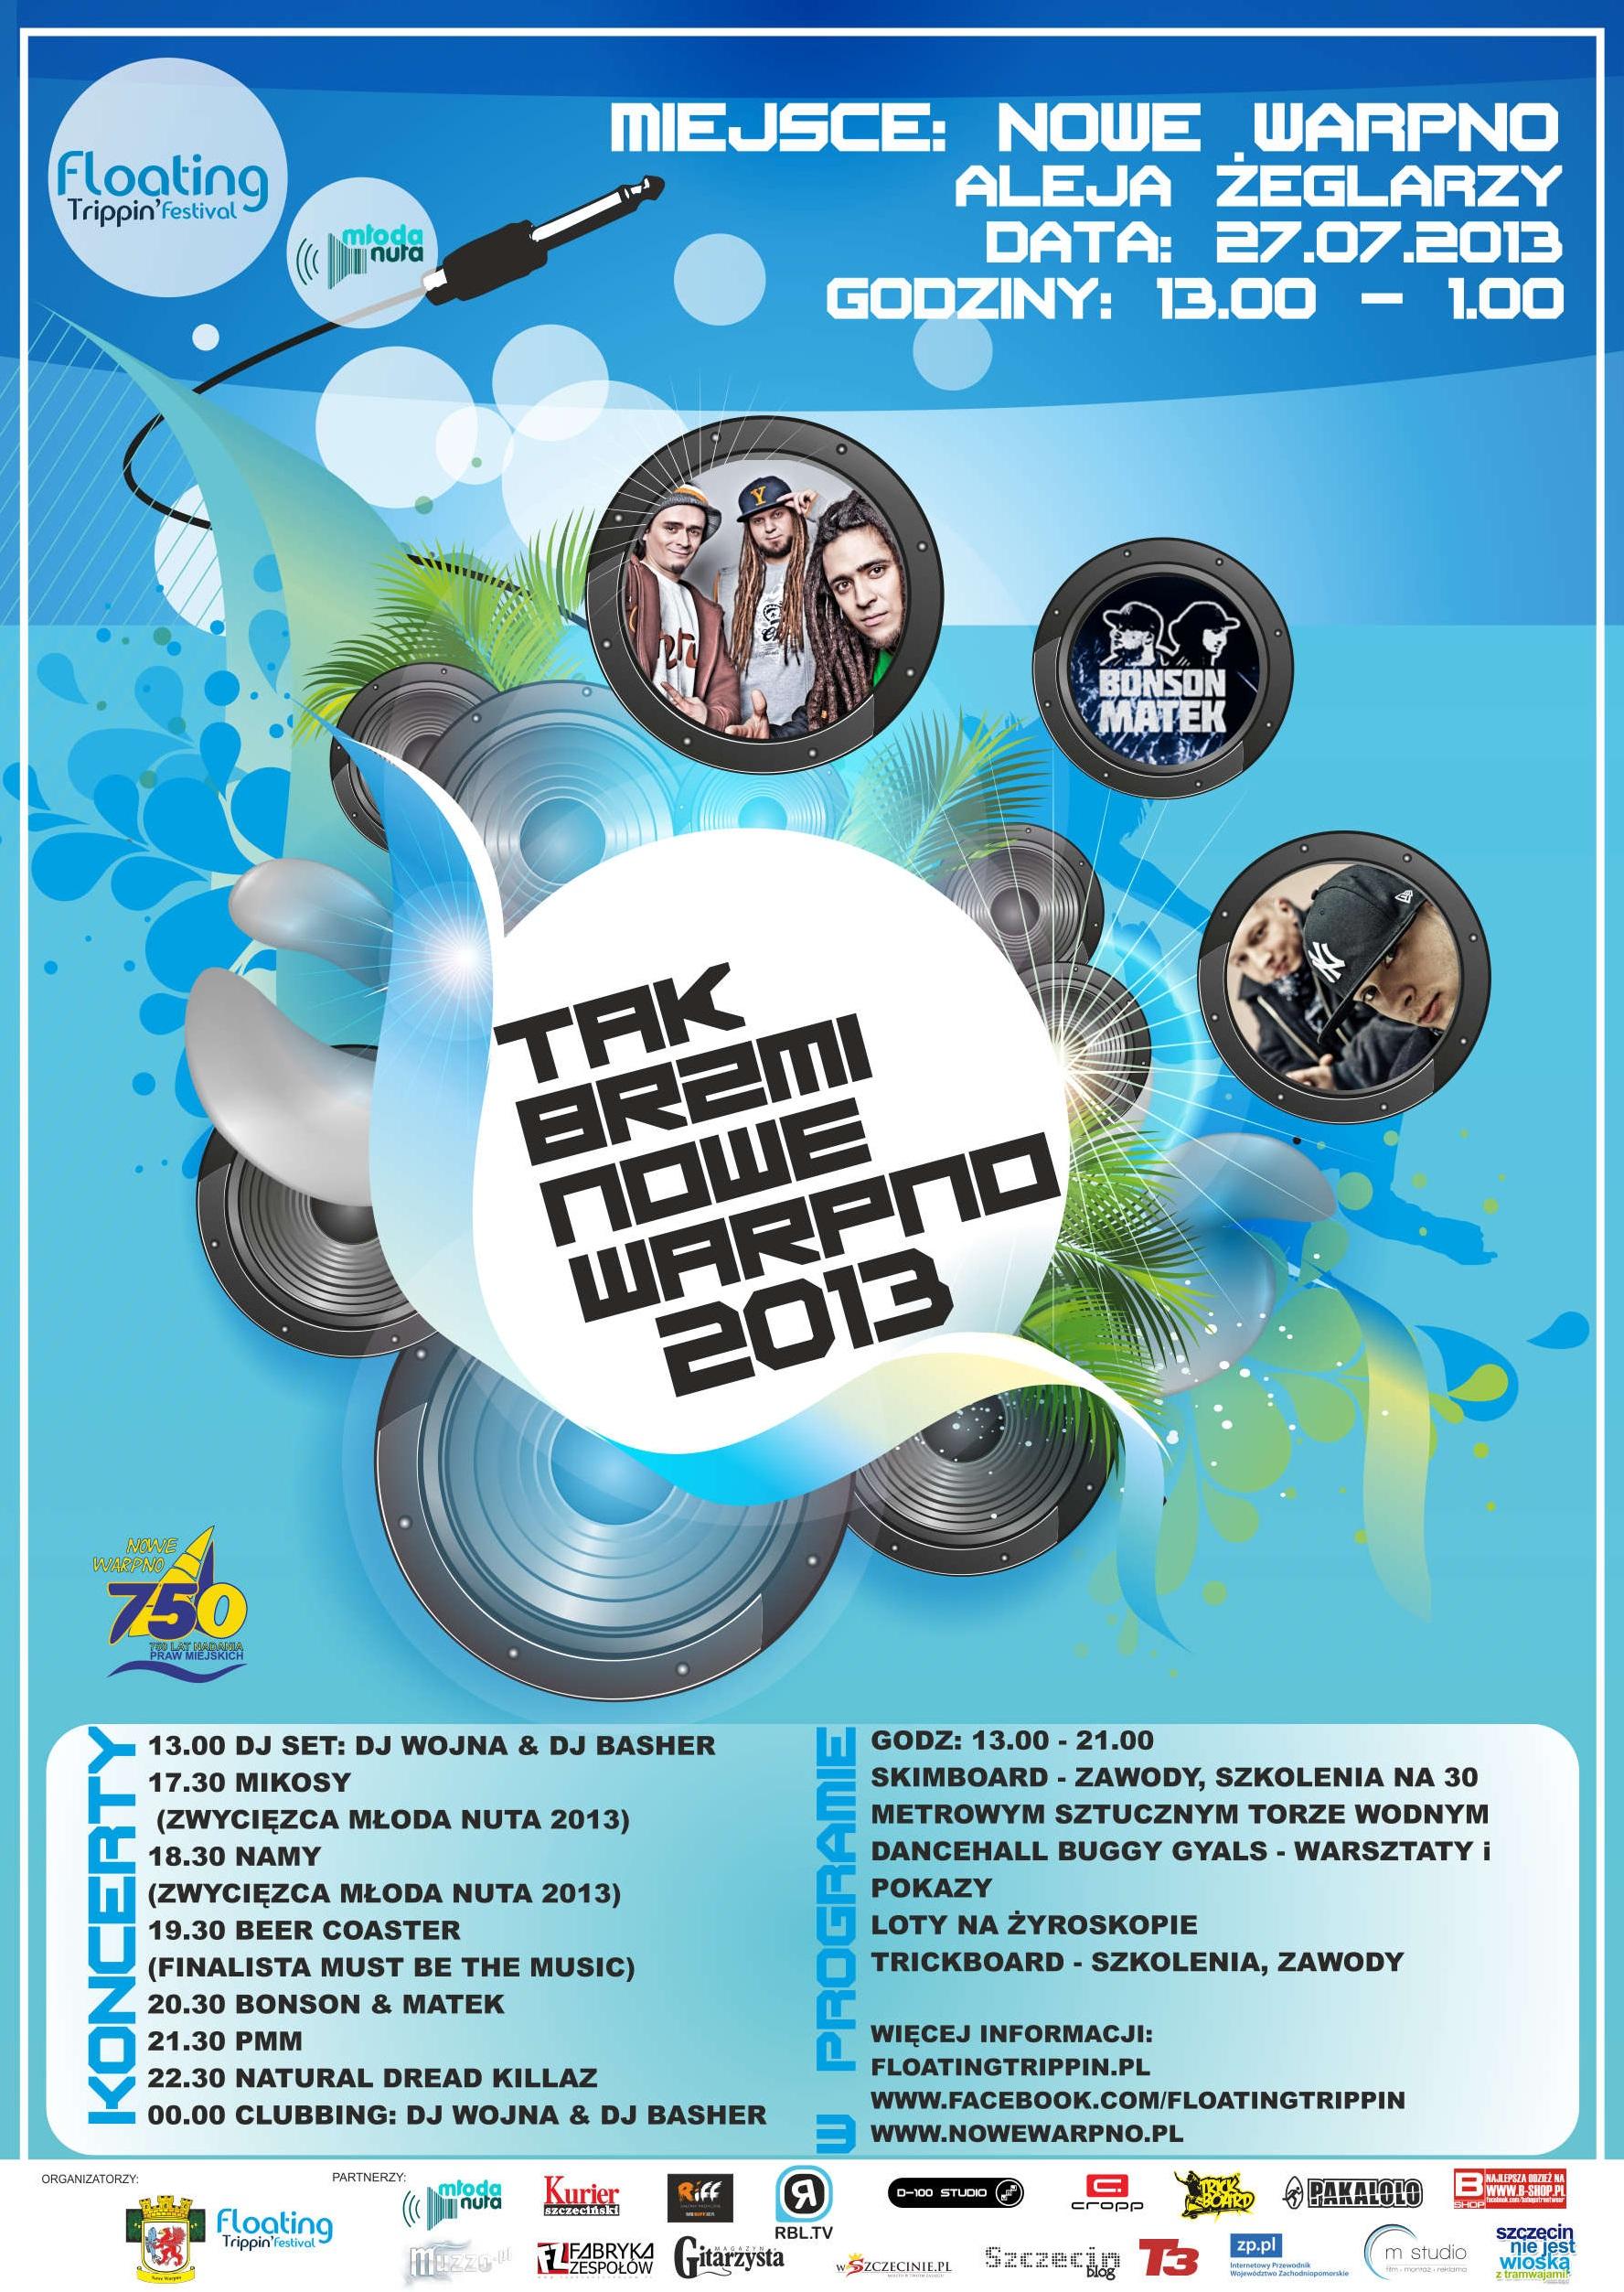 plakat - Tak Brzmi Nowe Warpno 2013 jpg